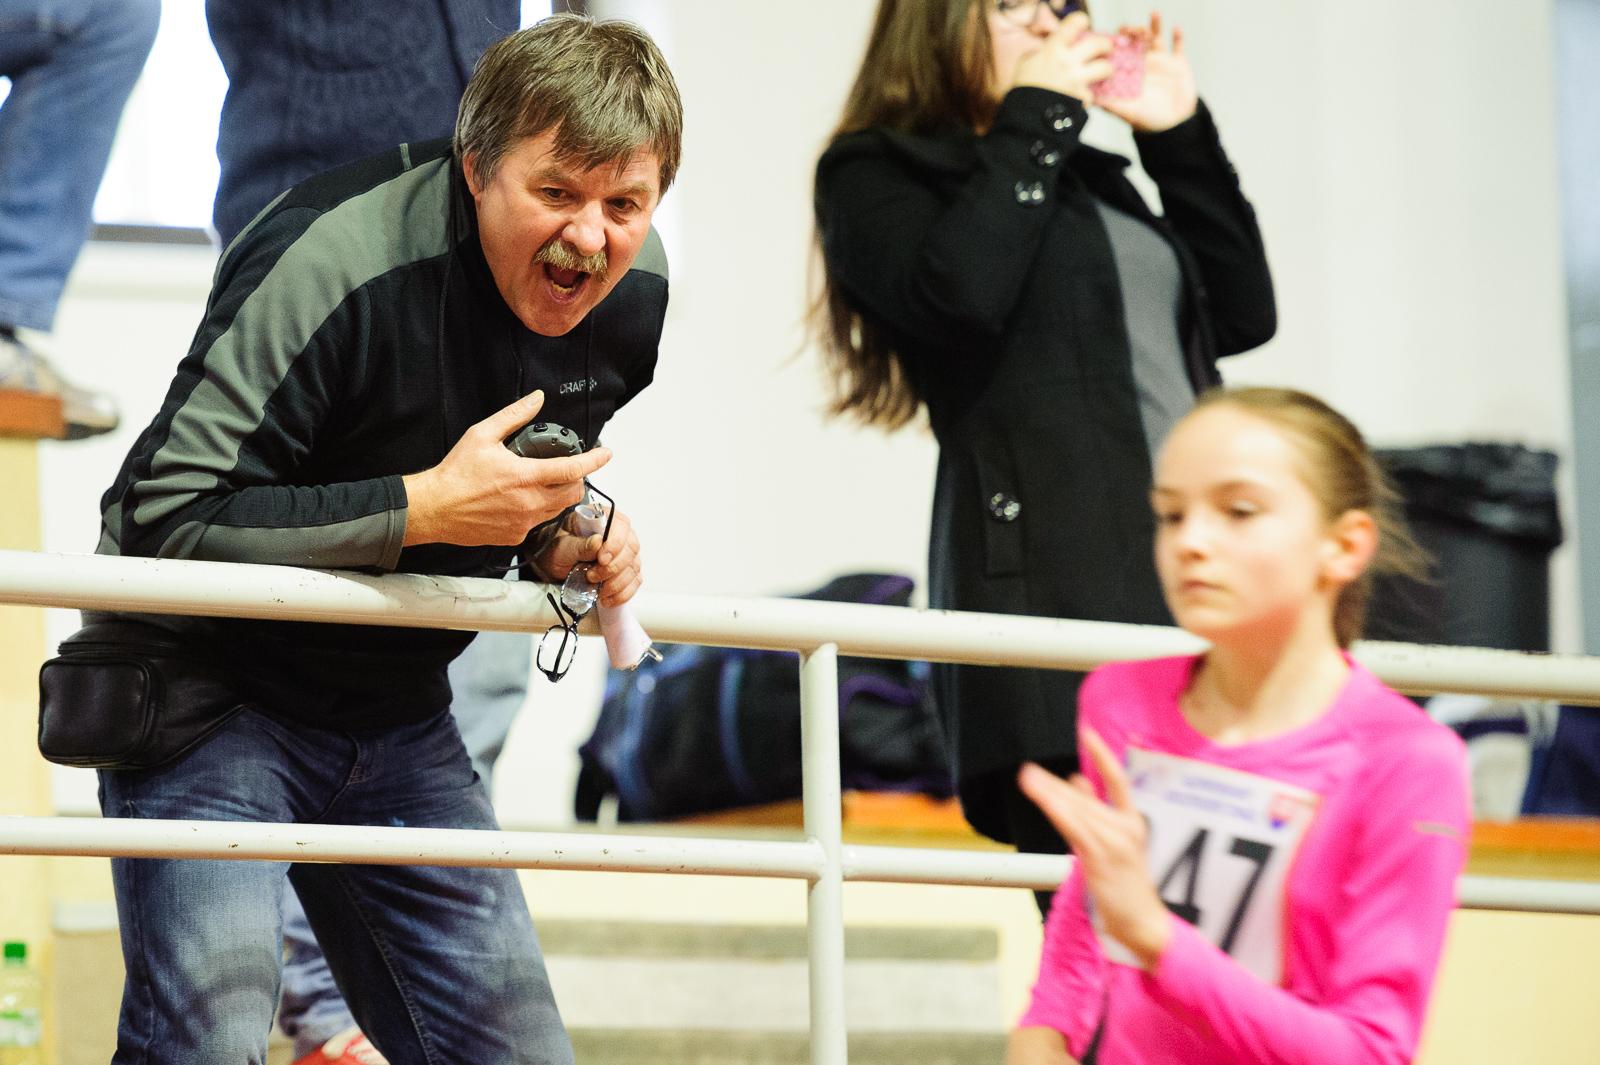 Halové Majstrovstvá Slovenska mladšieho žiactva a vo viacboji mužov, juniorov a staršieho žiactva. Bratislava, Sobota, 5.Marec